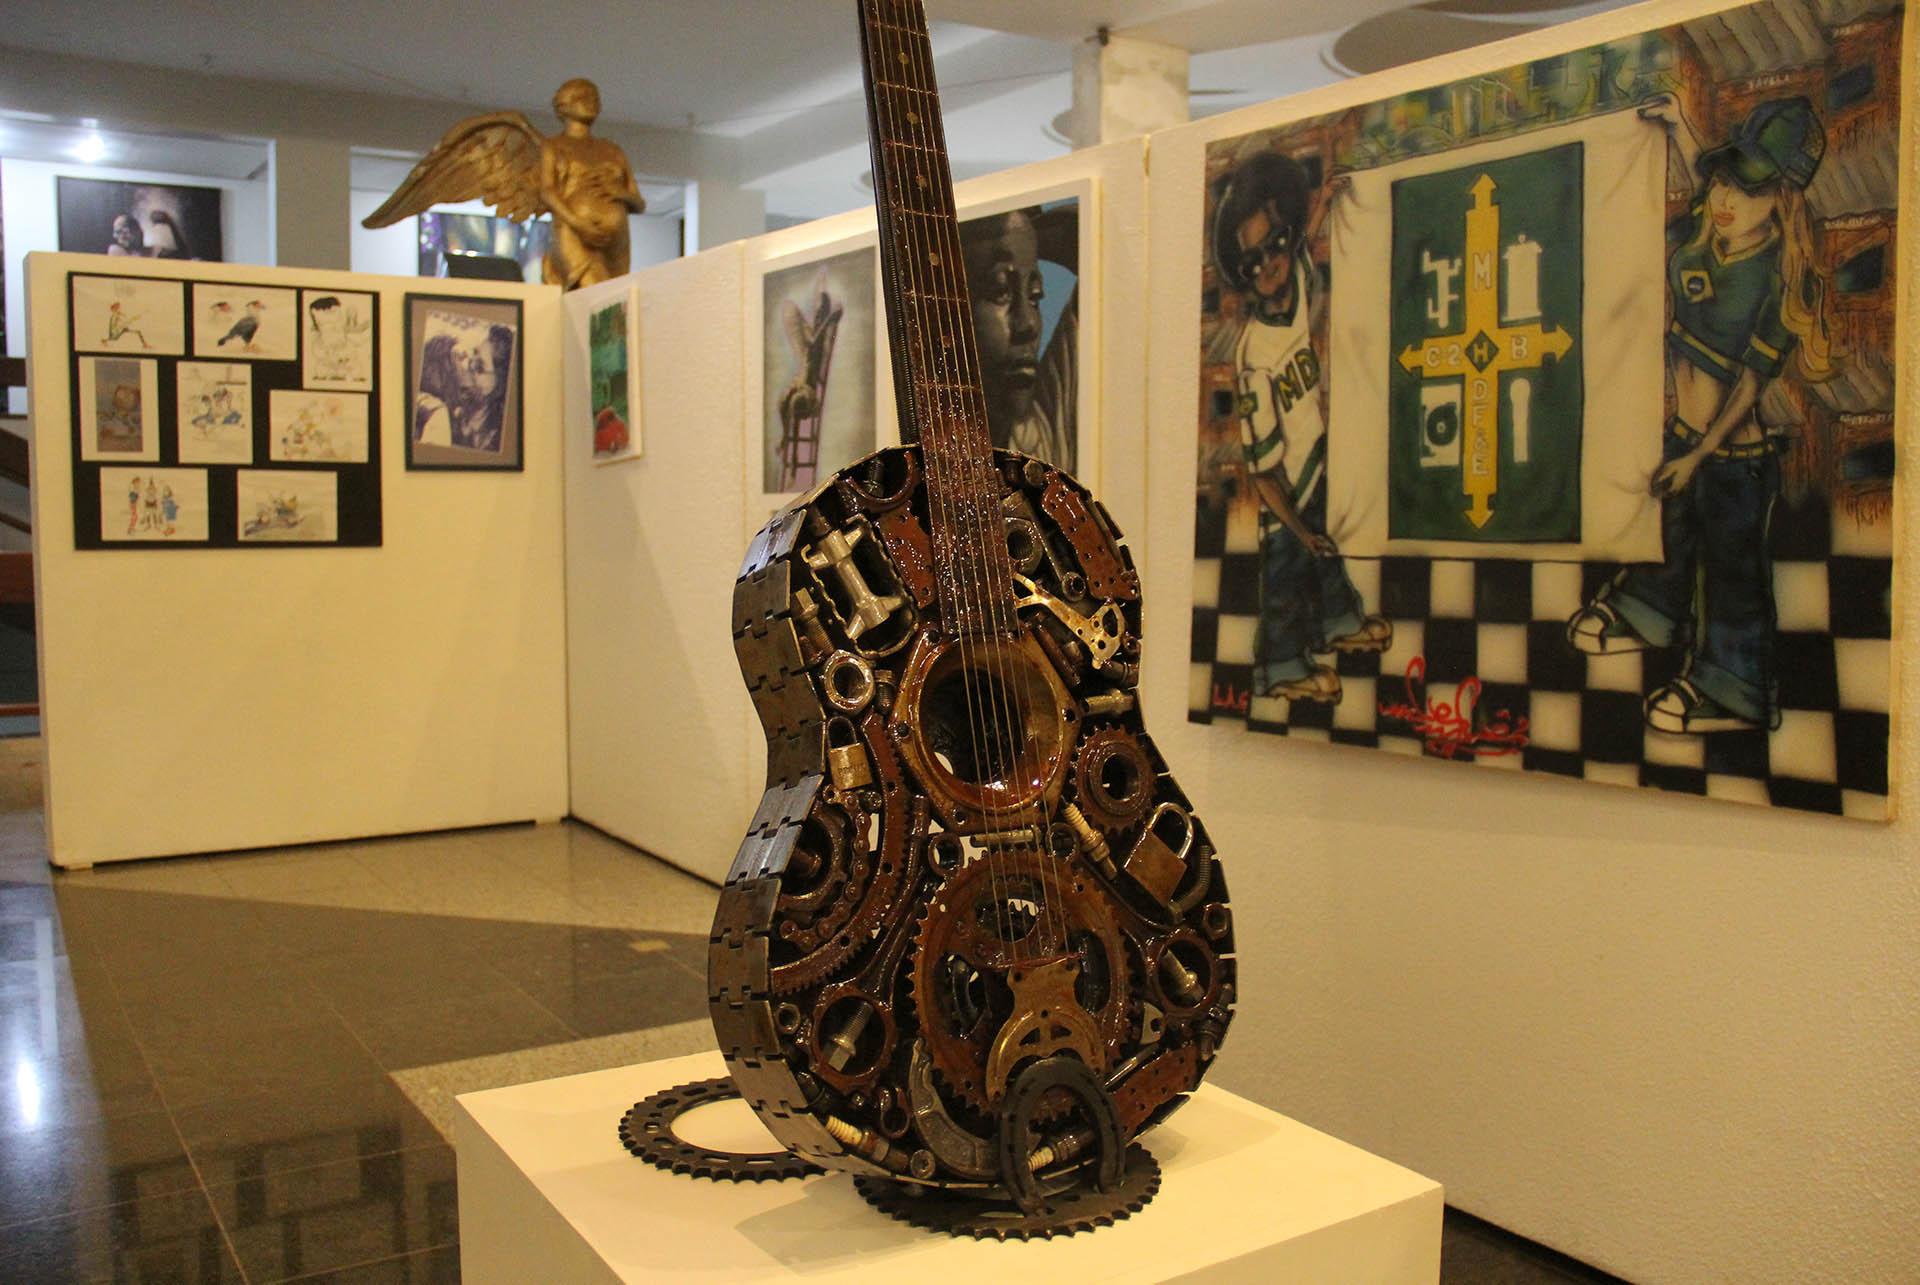 Inspirados em temas contemporâneos, históricos, sociais e naturalistas, a mostra conta com trabalhos em técnicas diversas.